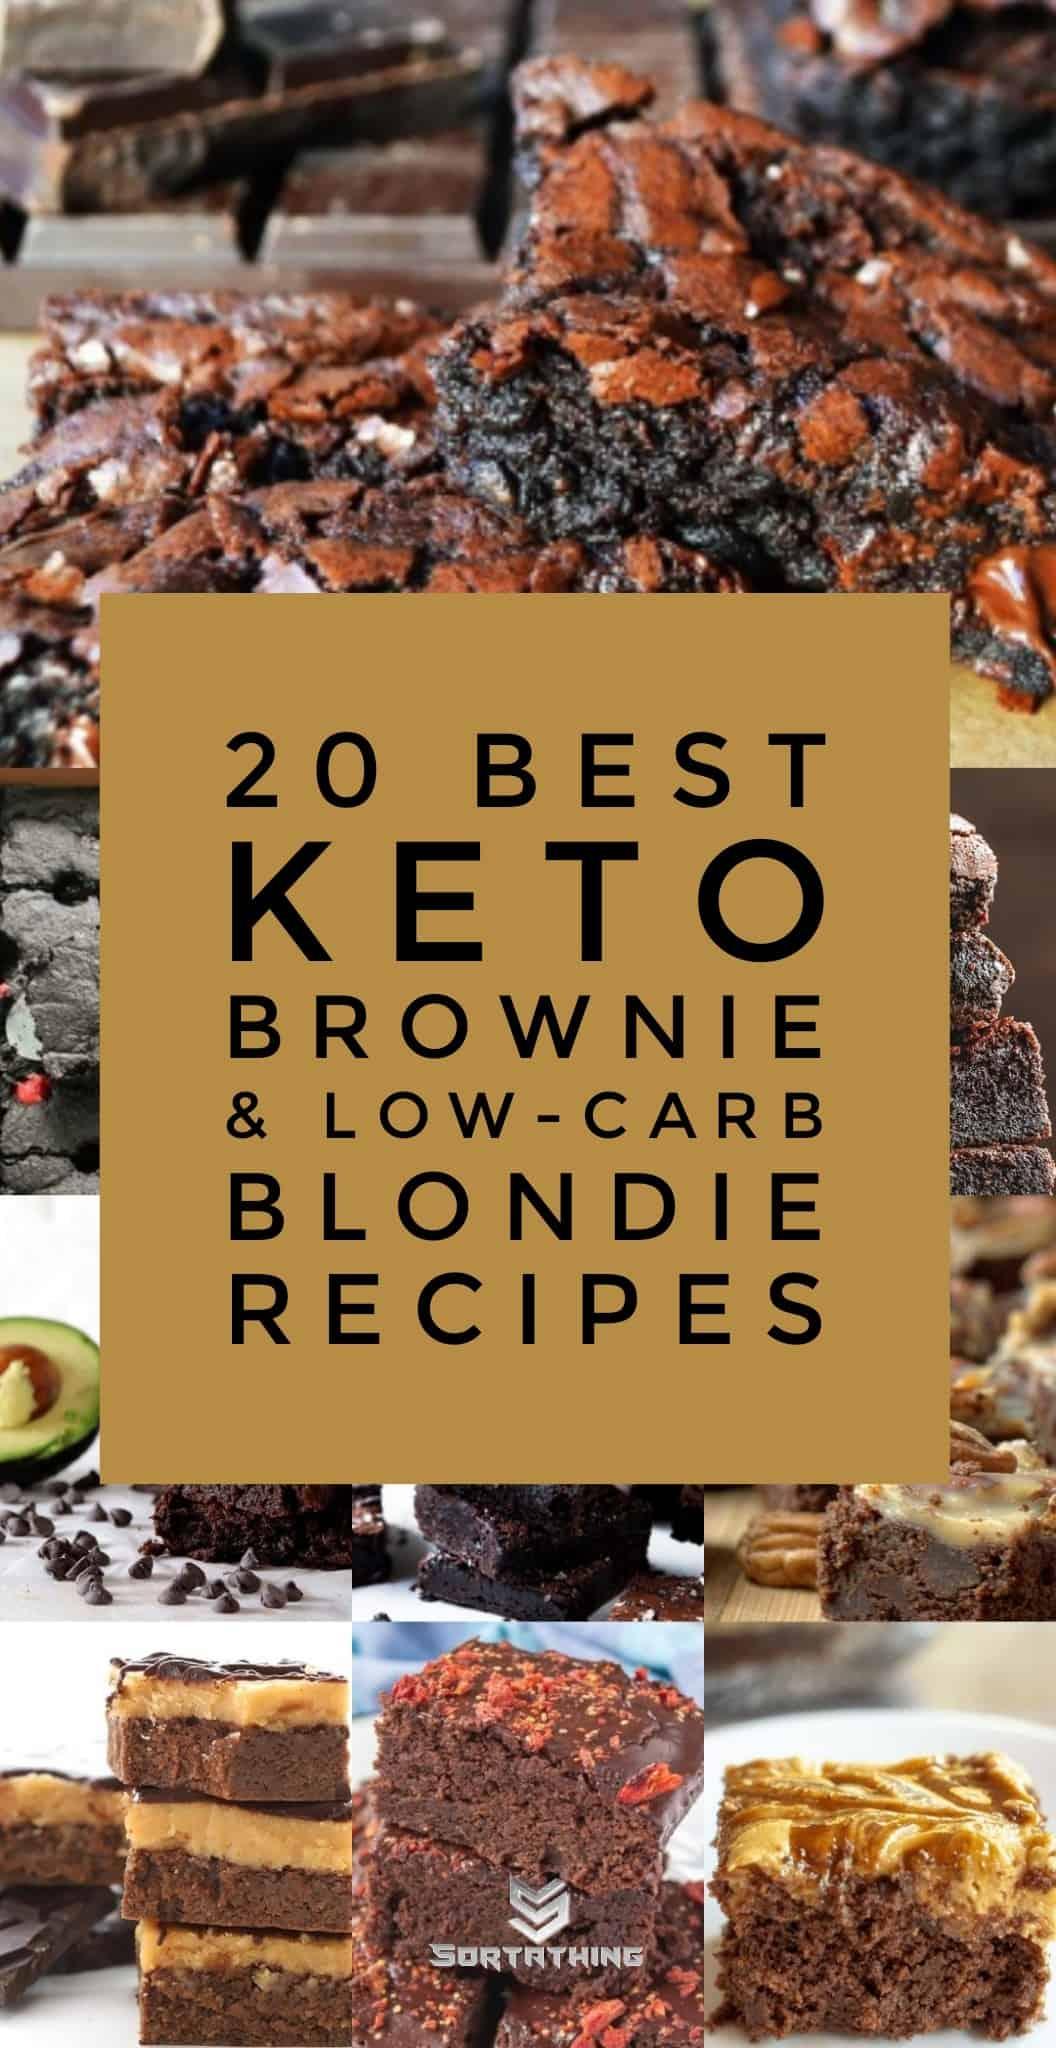 20 Best Keto Brownie & Low-Carb Blondie Recipes